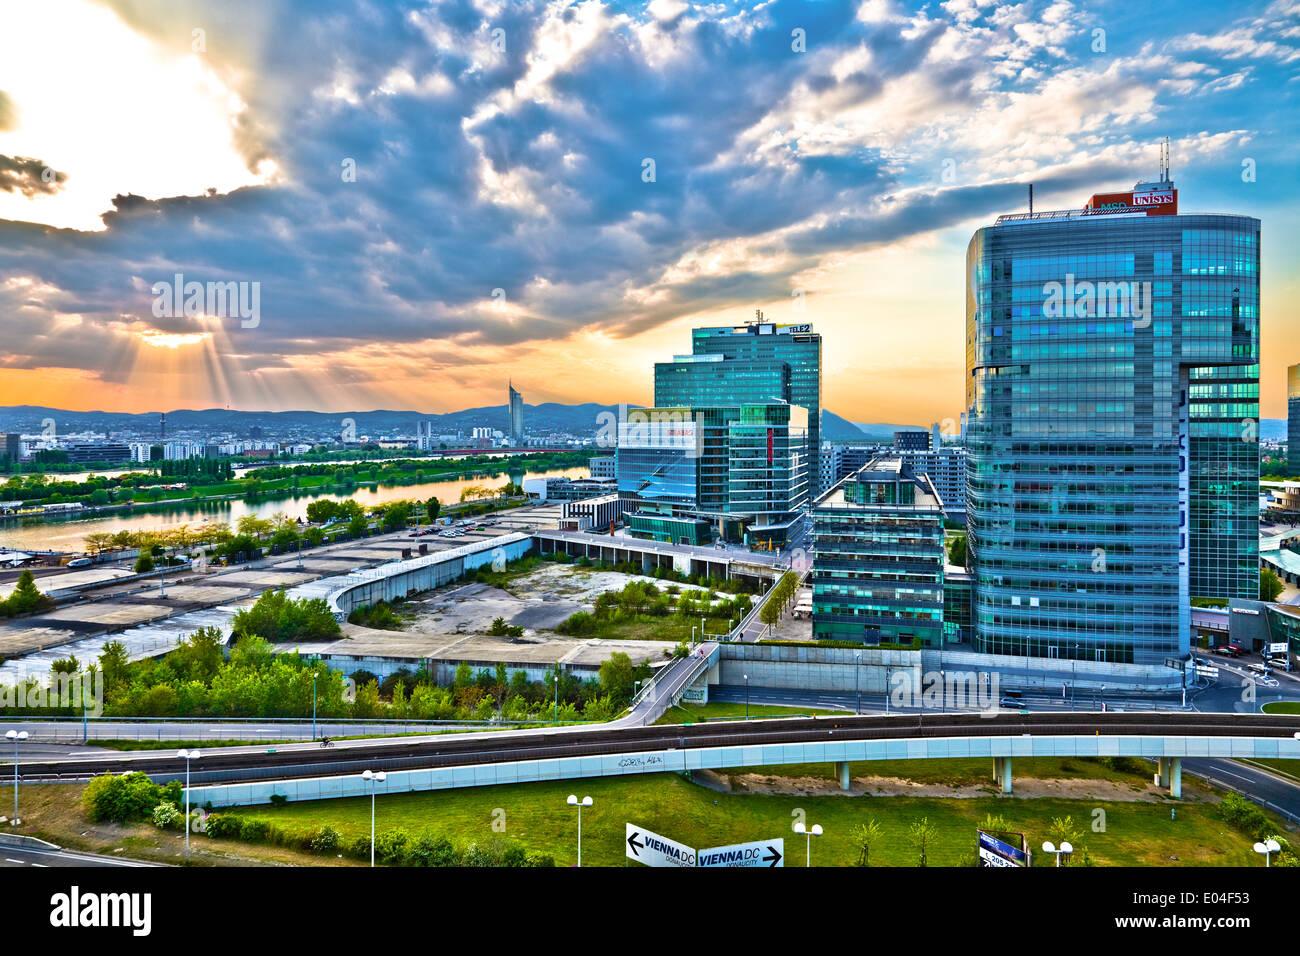 Donaucity, Wien, Österreich - Danube city, Vienna, Austria Stock Photo